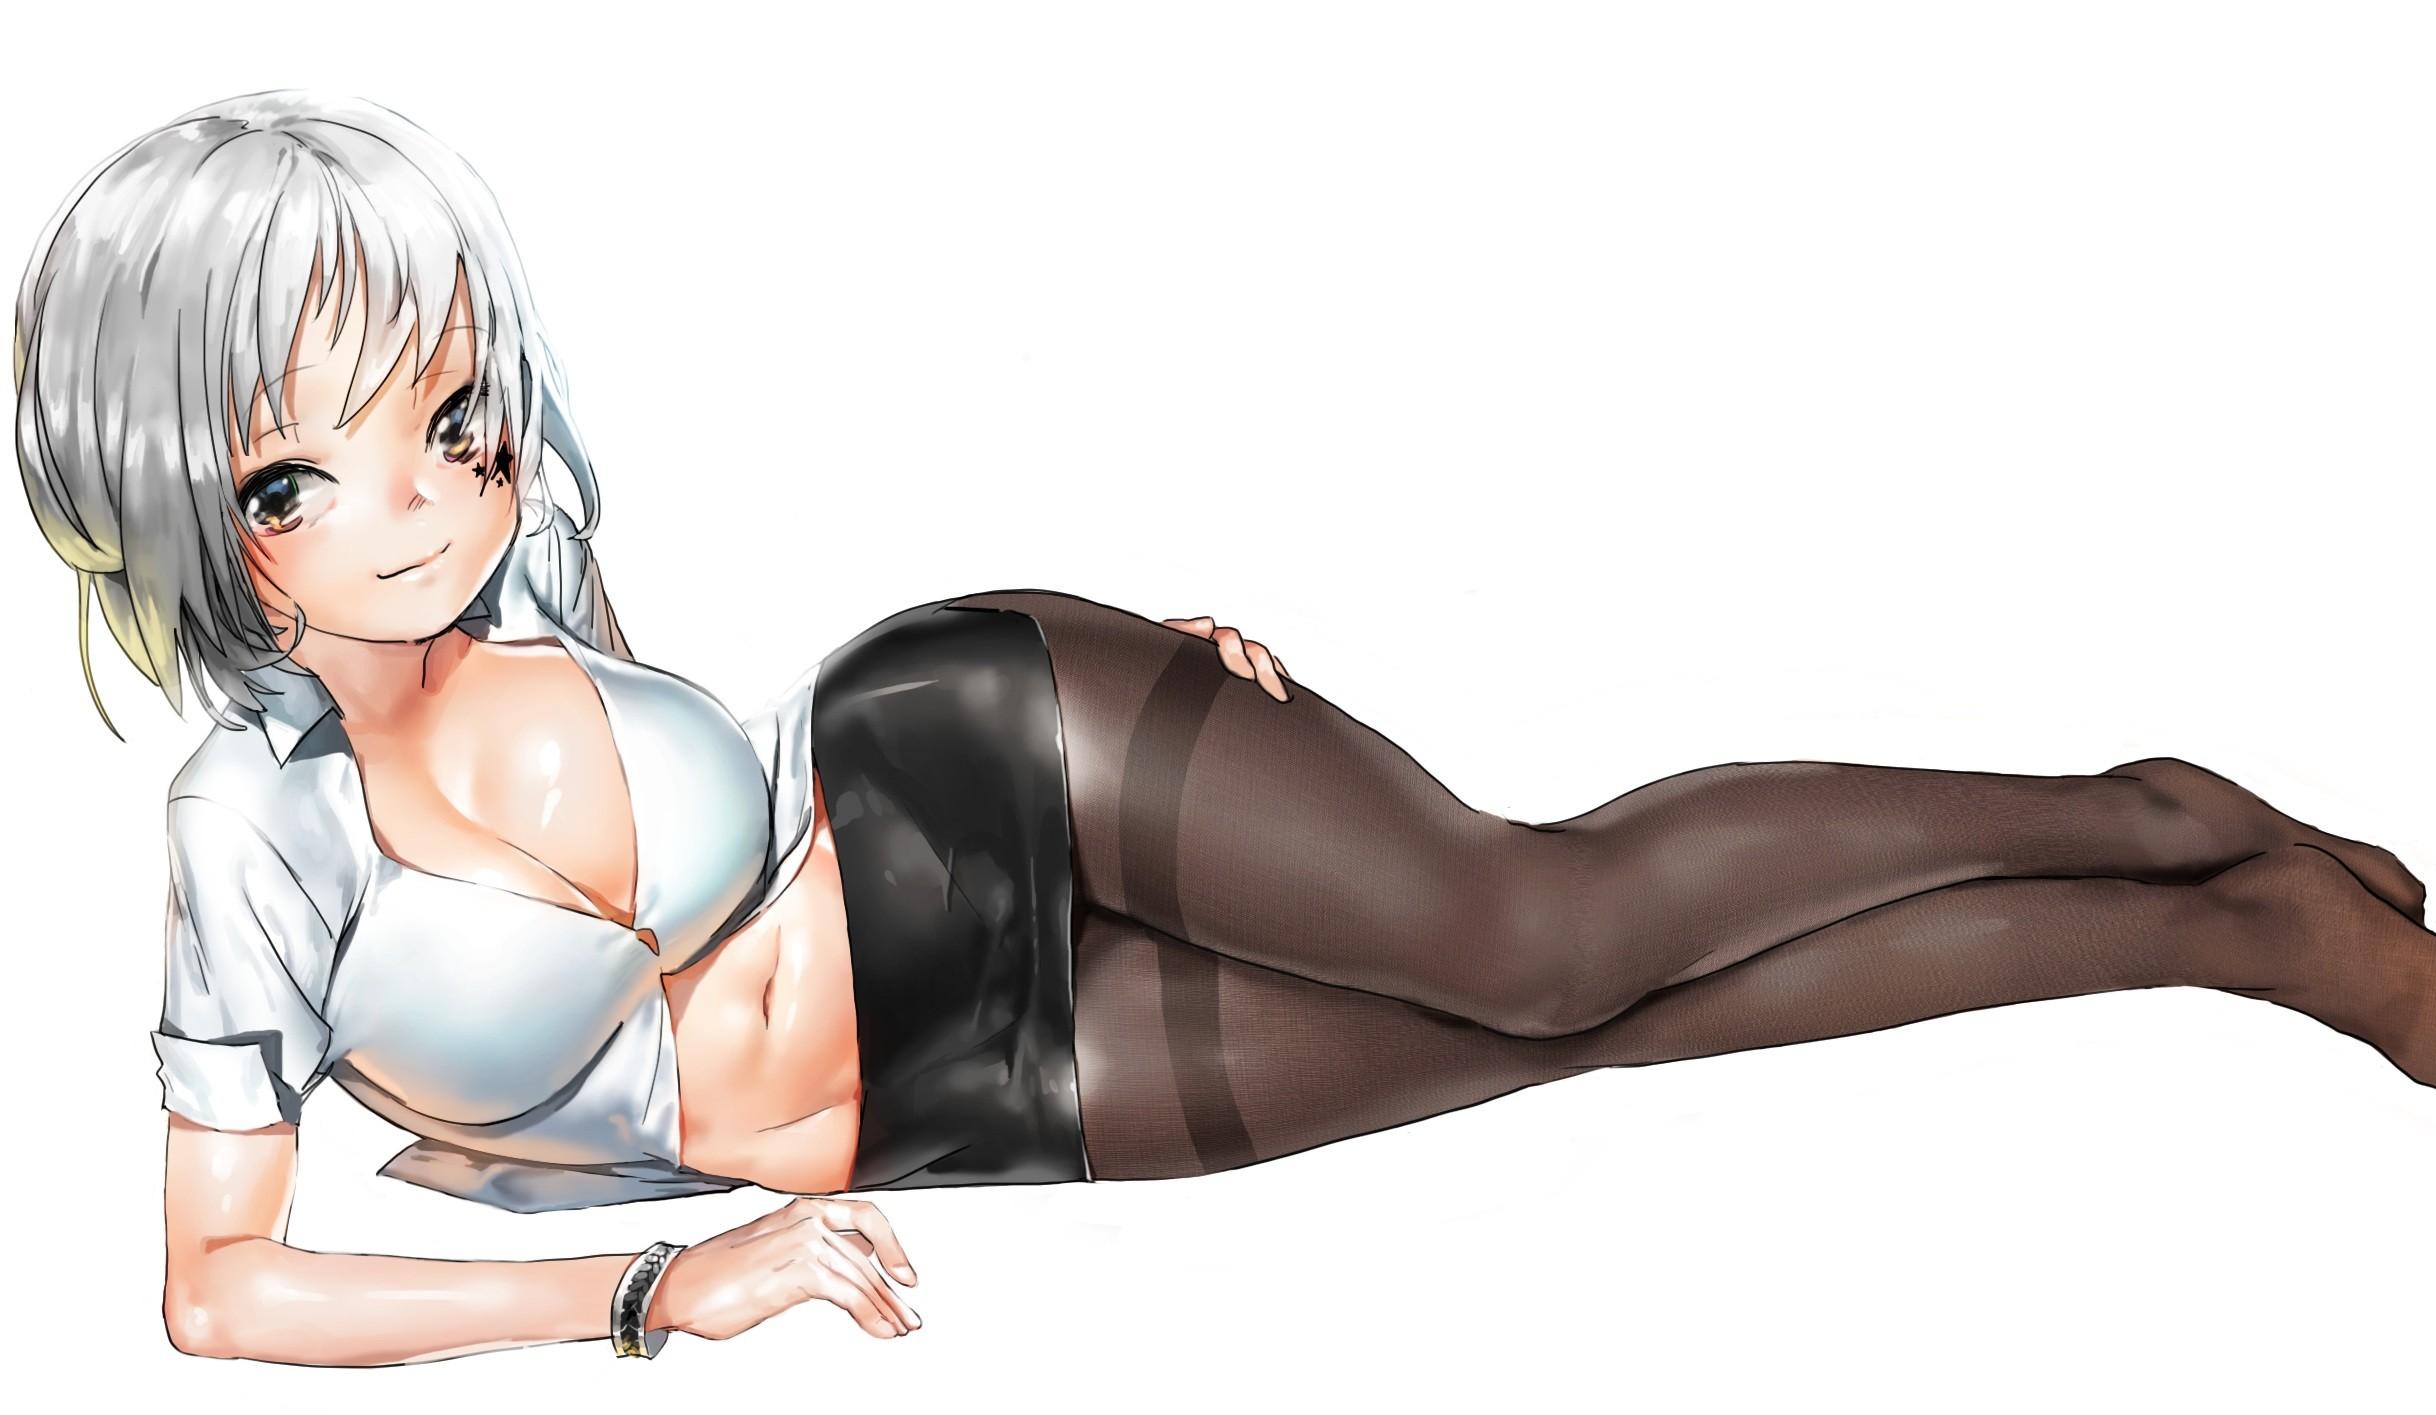 Miru tights